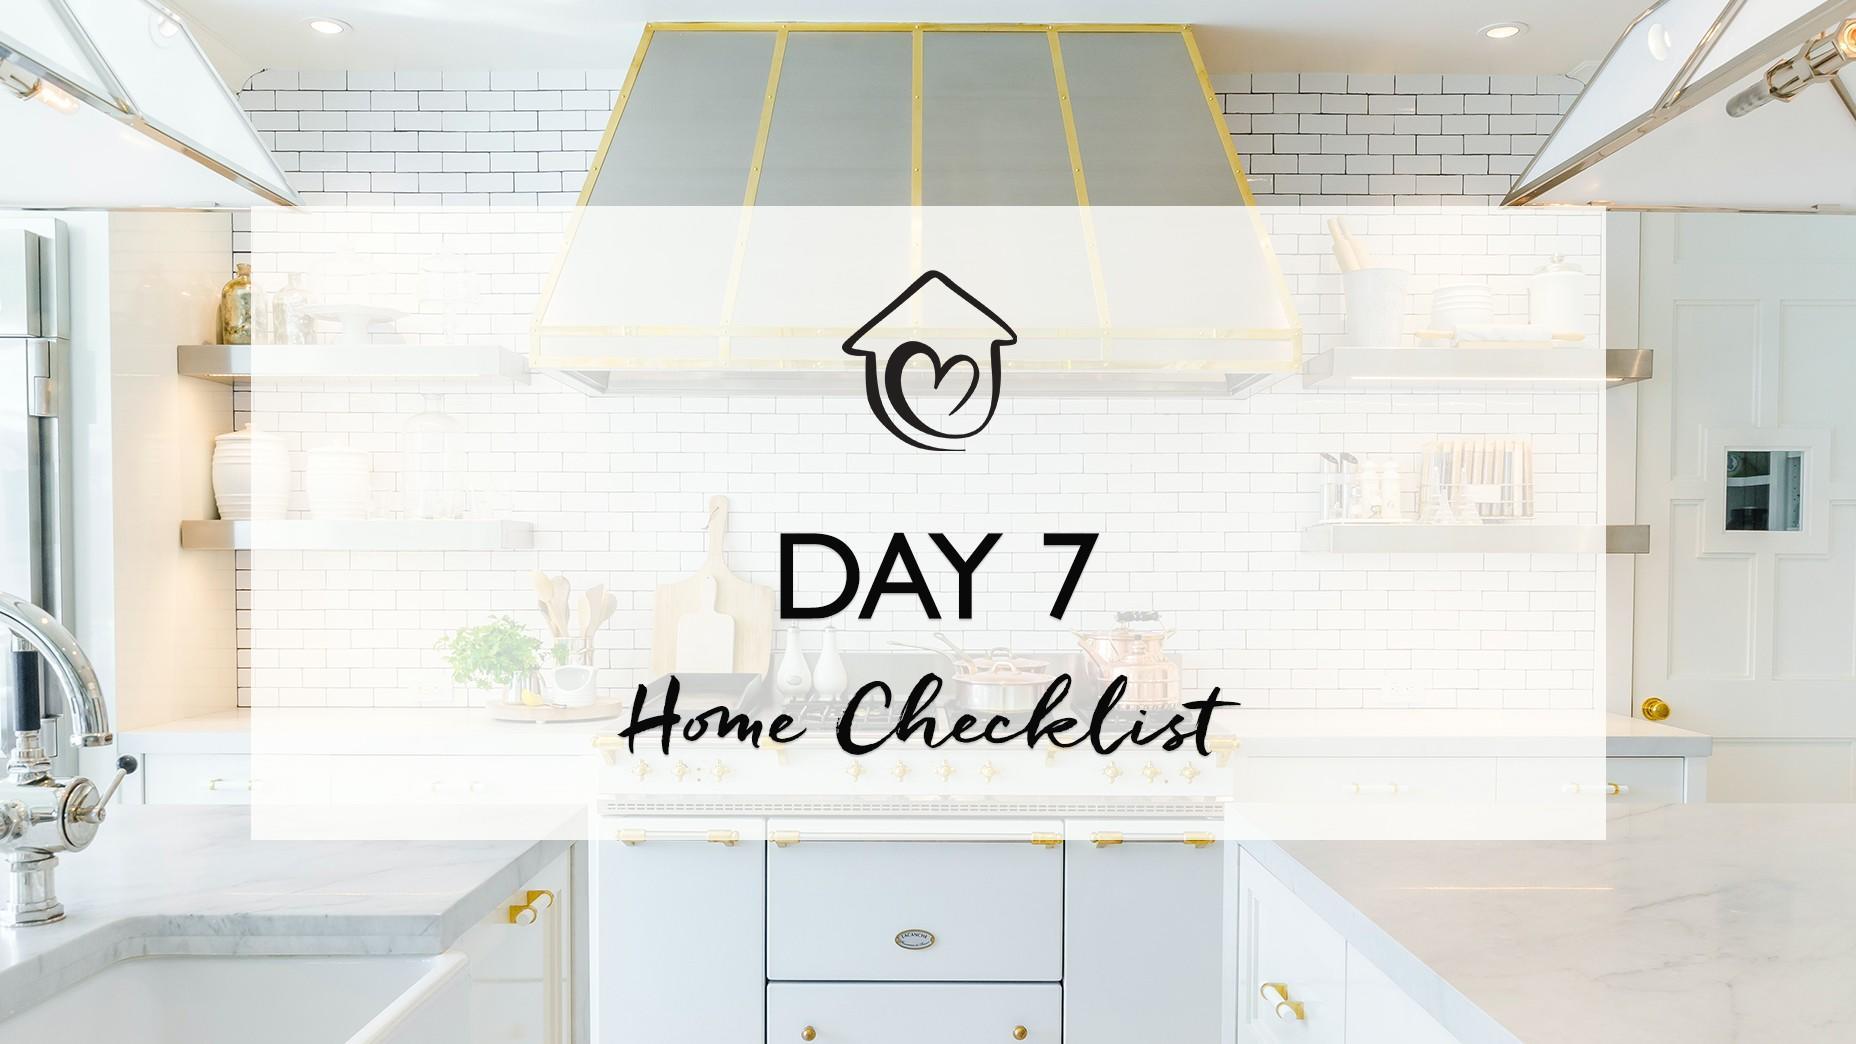 Day 7 - Home Checklist